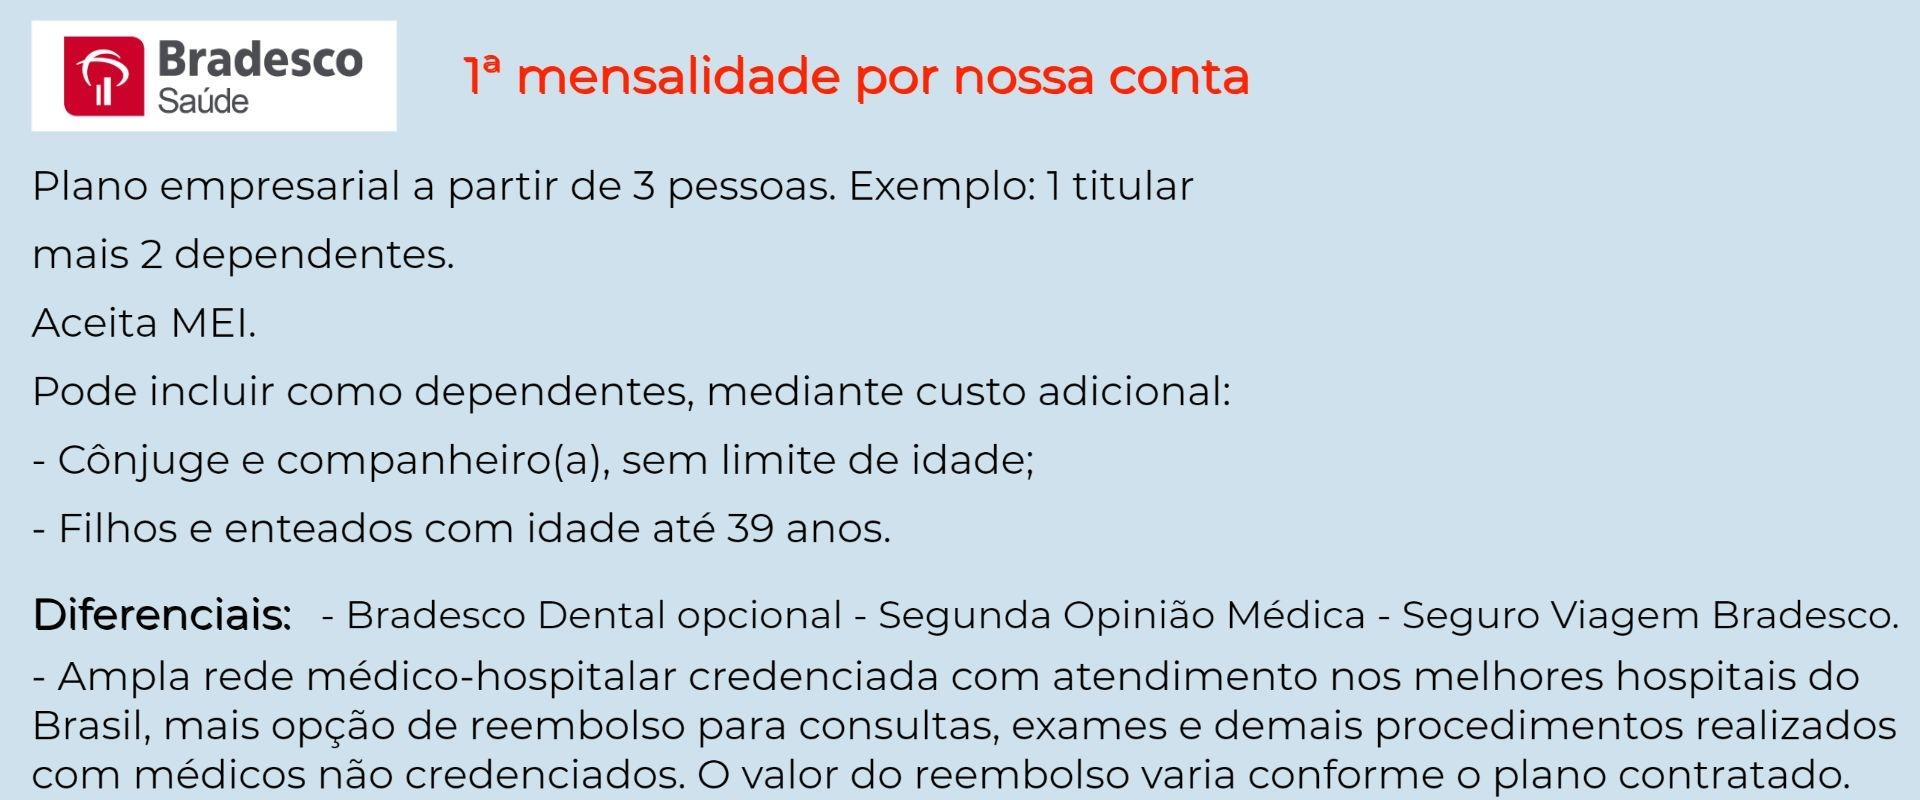 Bradesco Saúde Empresarial - Lorena